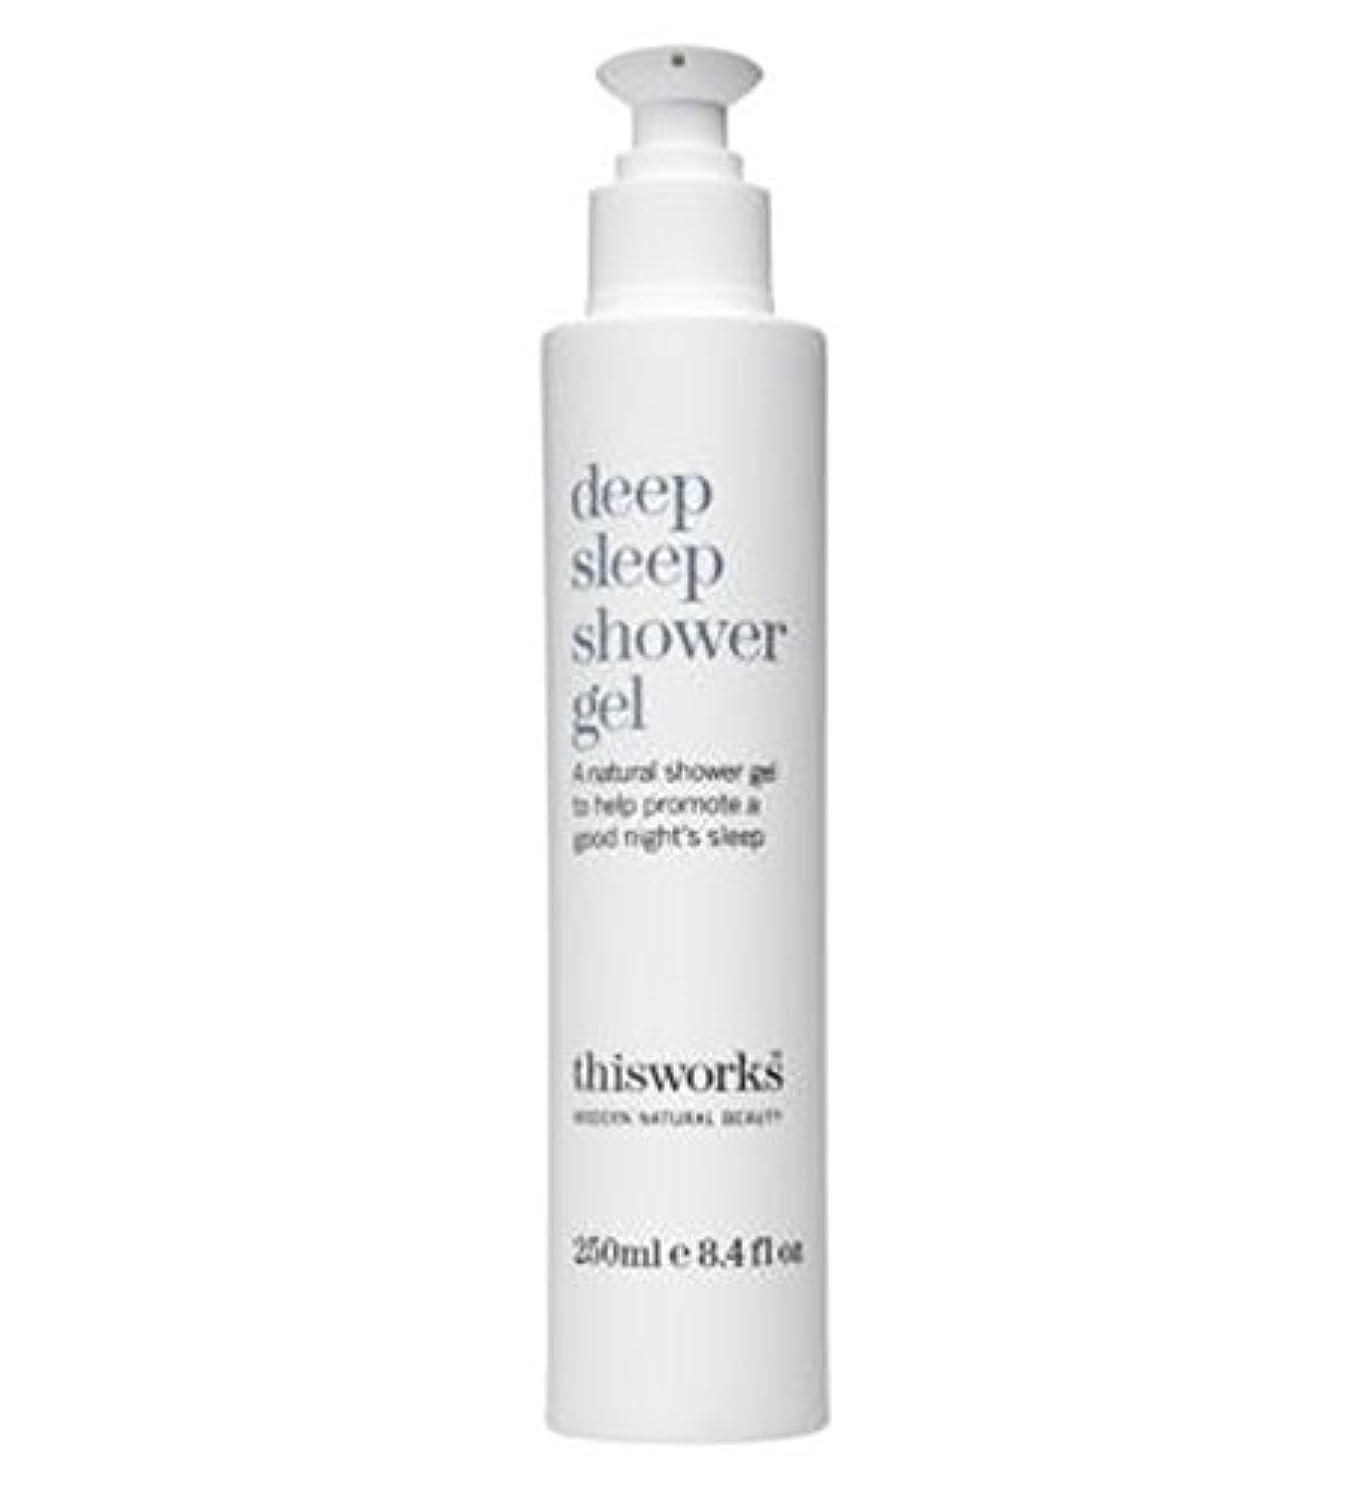 お風呂製品マークダウンこれは、深い眠りシャワージェル250ミリリットルの作品 (This Works) (x2) - this works deep sleep shower gel 250ml (Pack of 2) [並行輸入品]